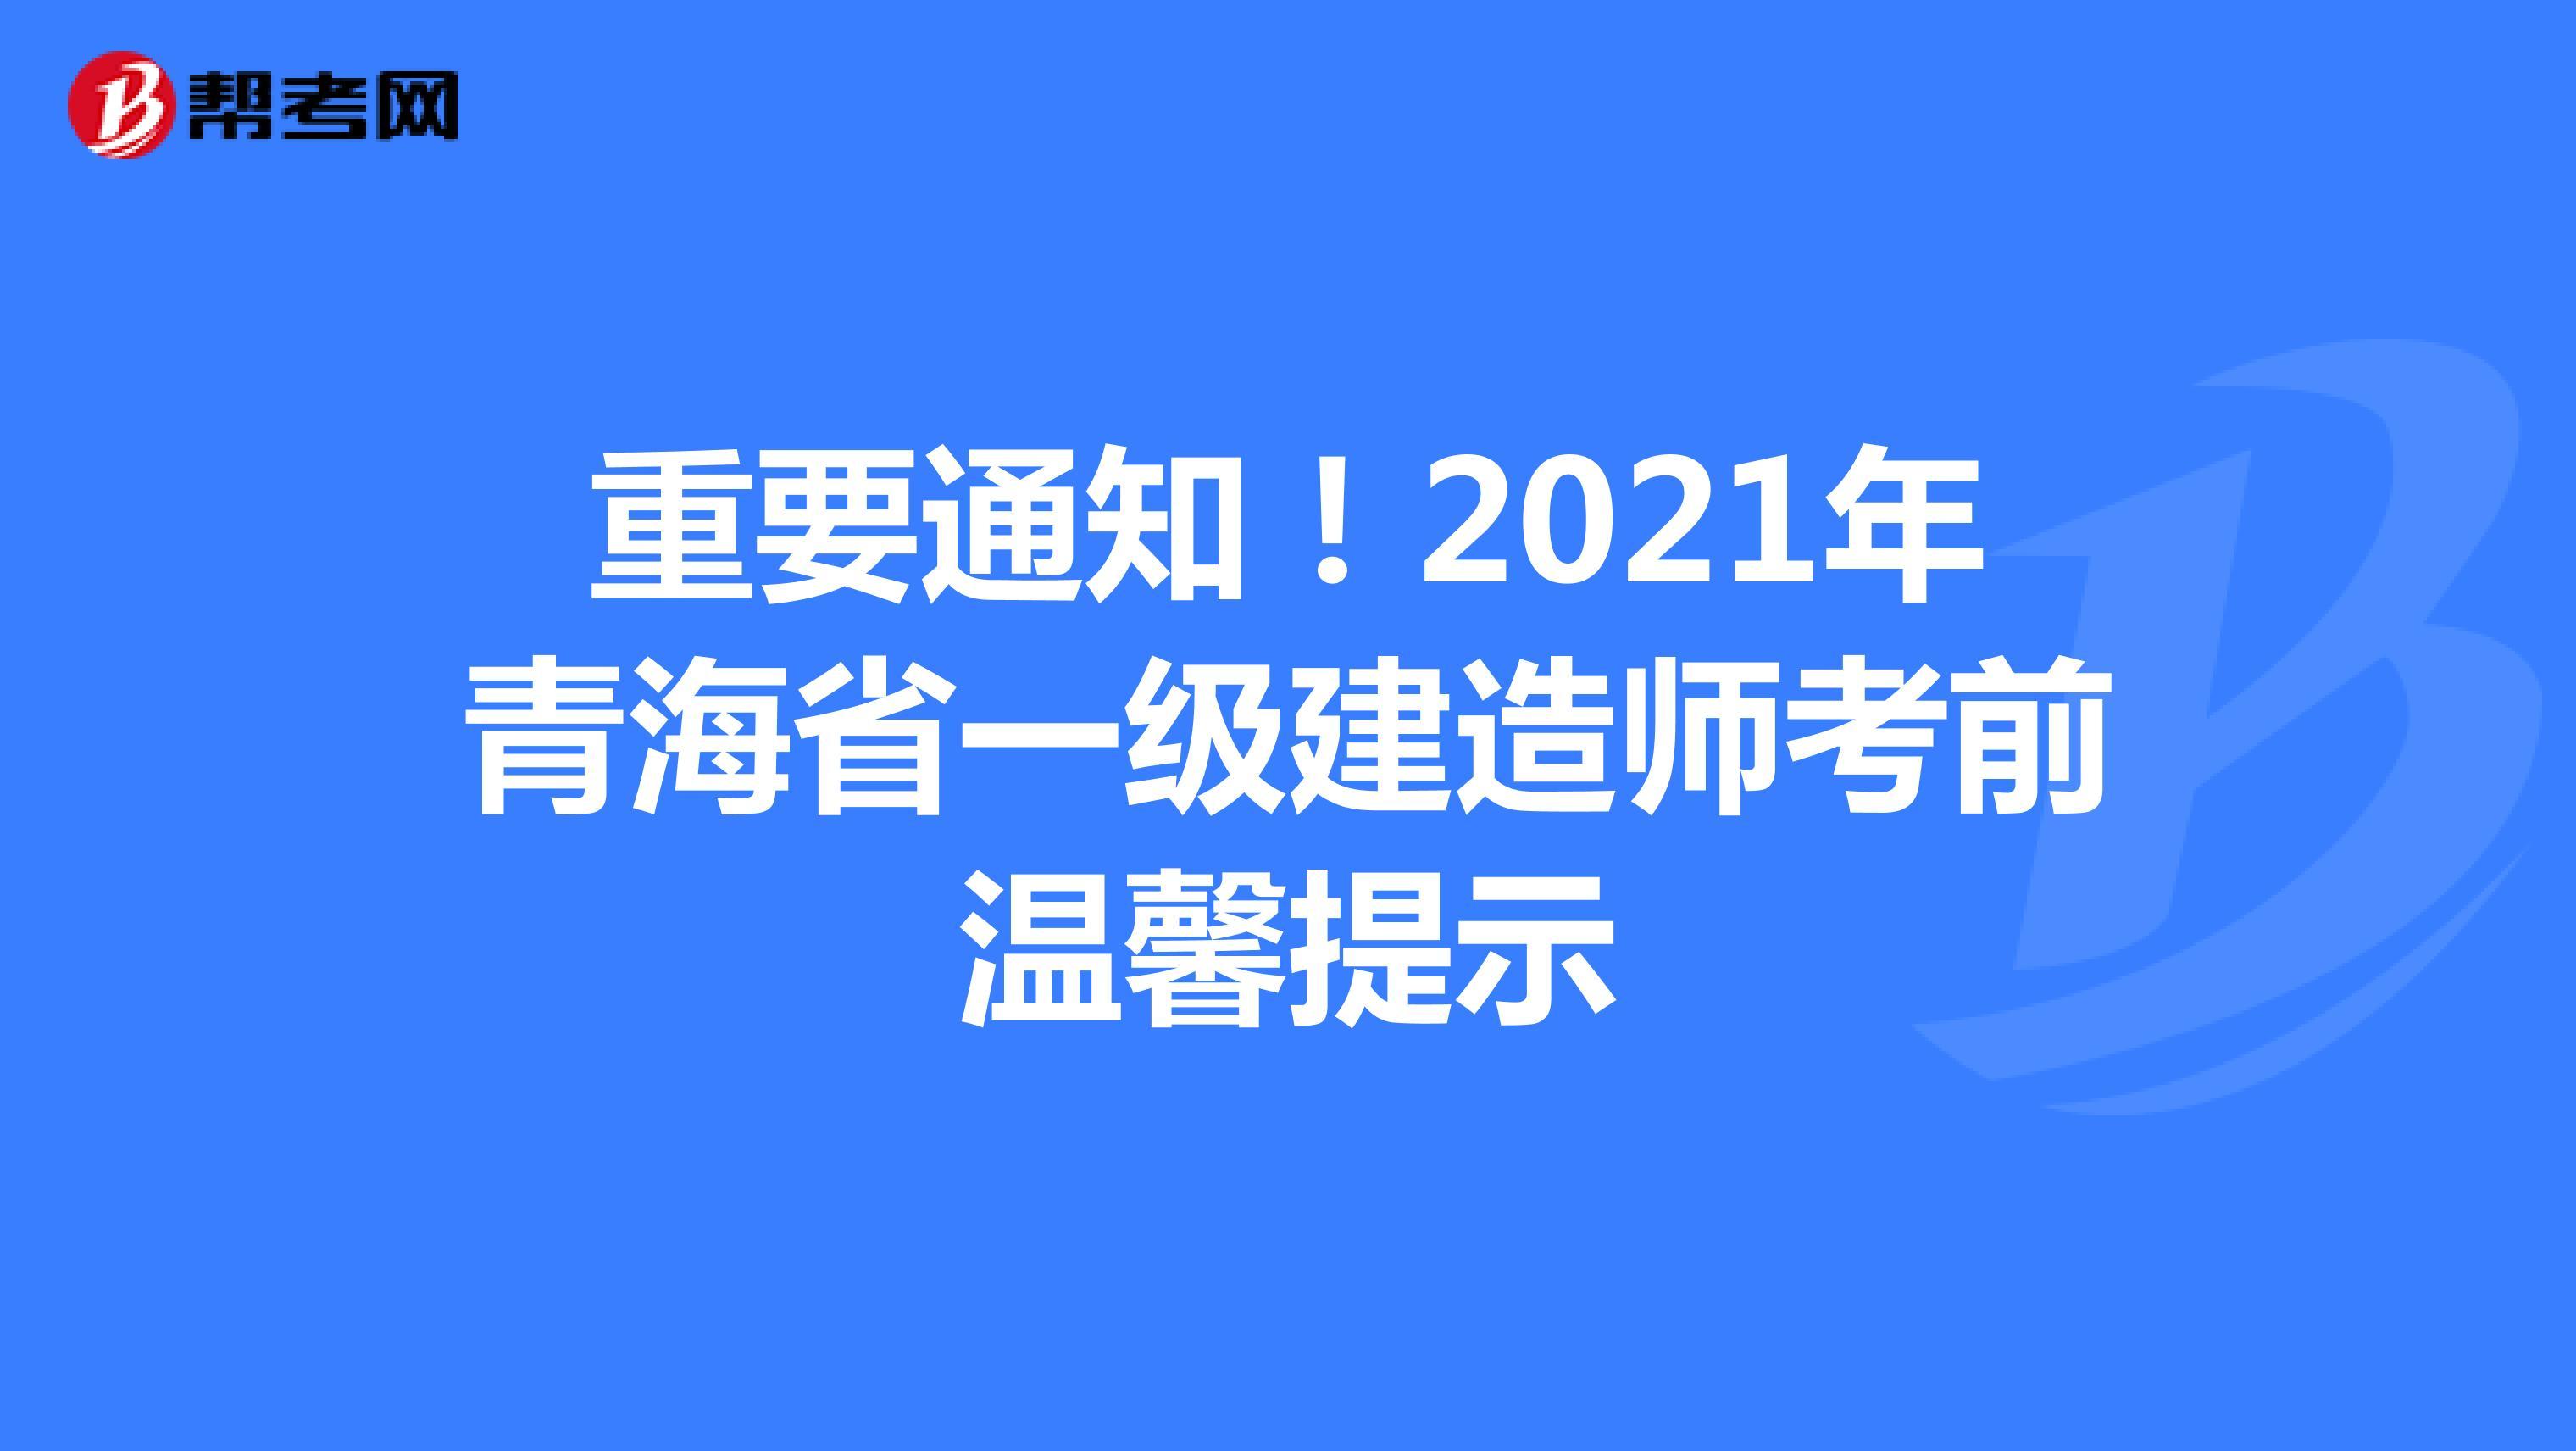 重要通知!2021年青海省一级建造师考前温馨提示